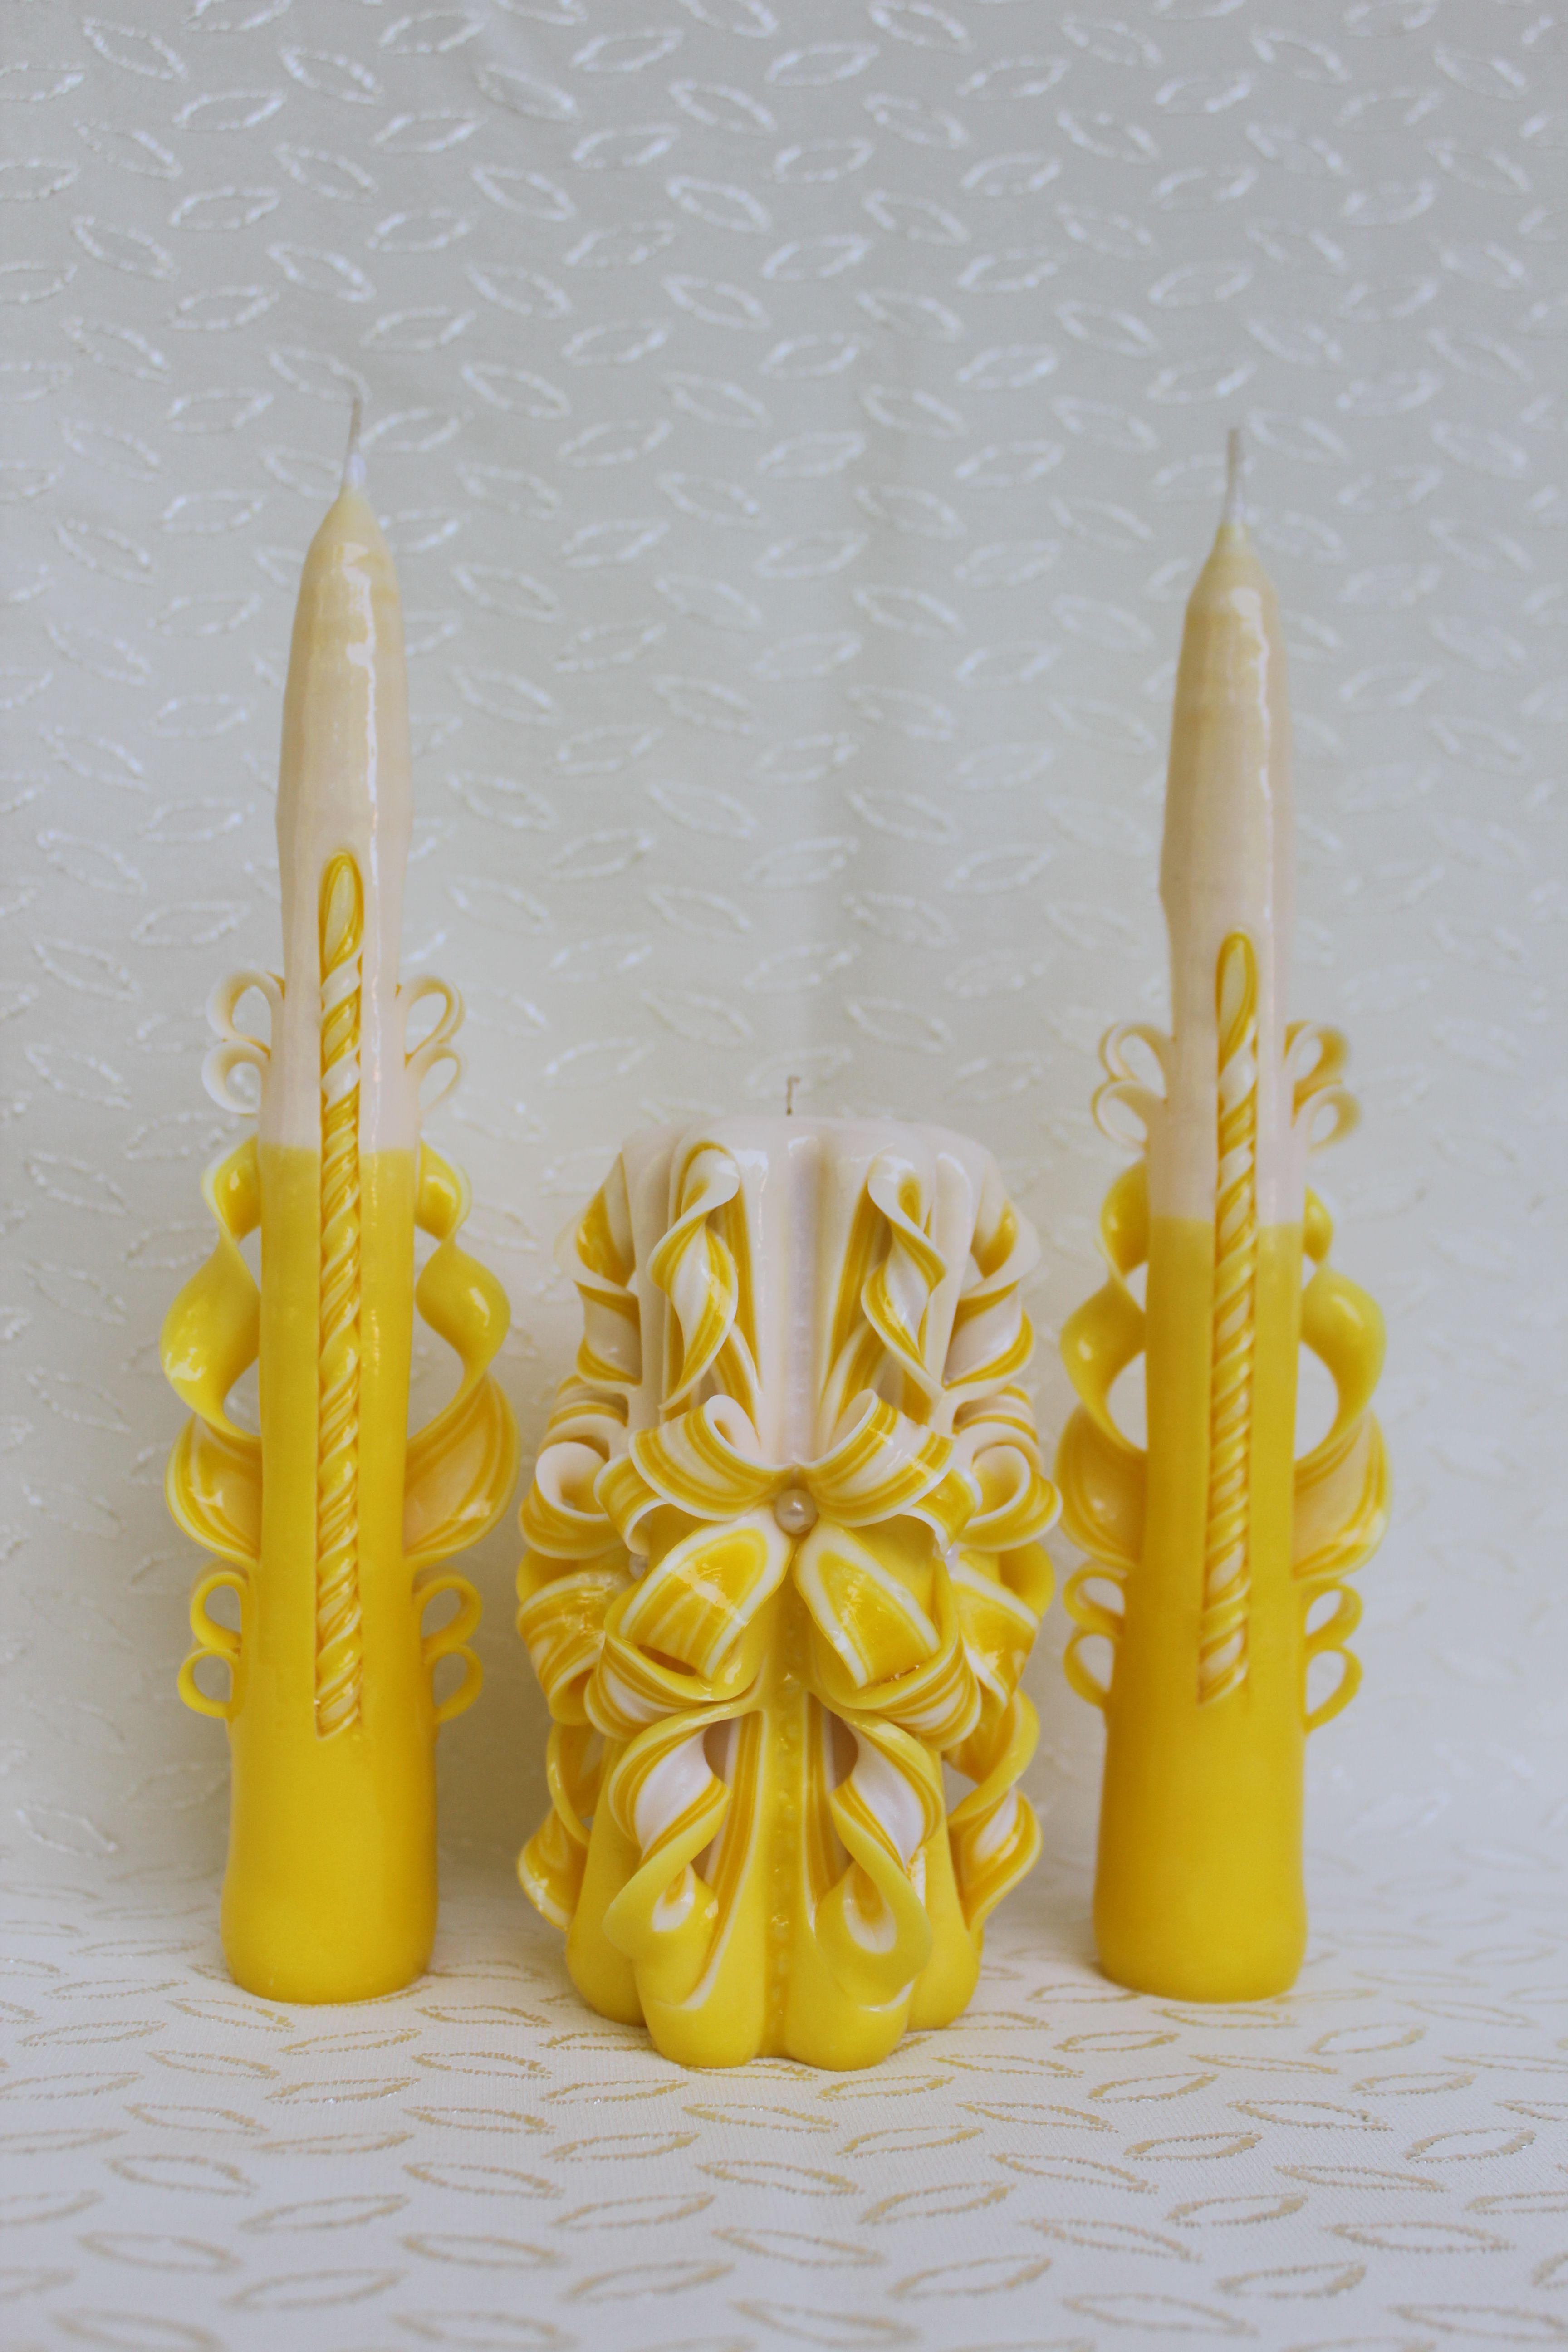 свадьба красивыесвечи свадебныесвечи крестины свечи венчание подарок свеча ручнаяработа